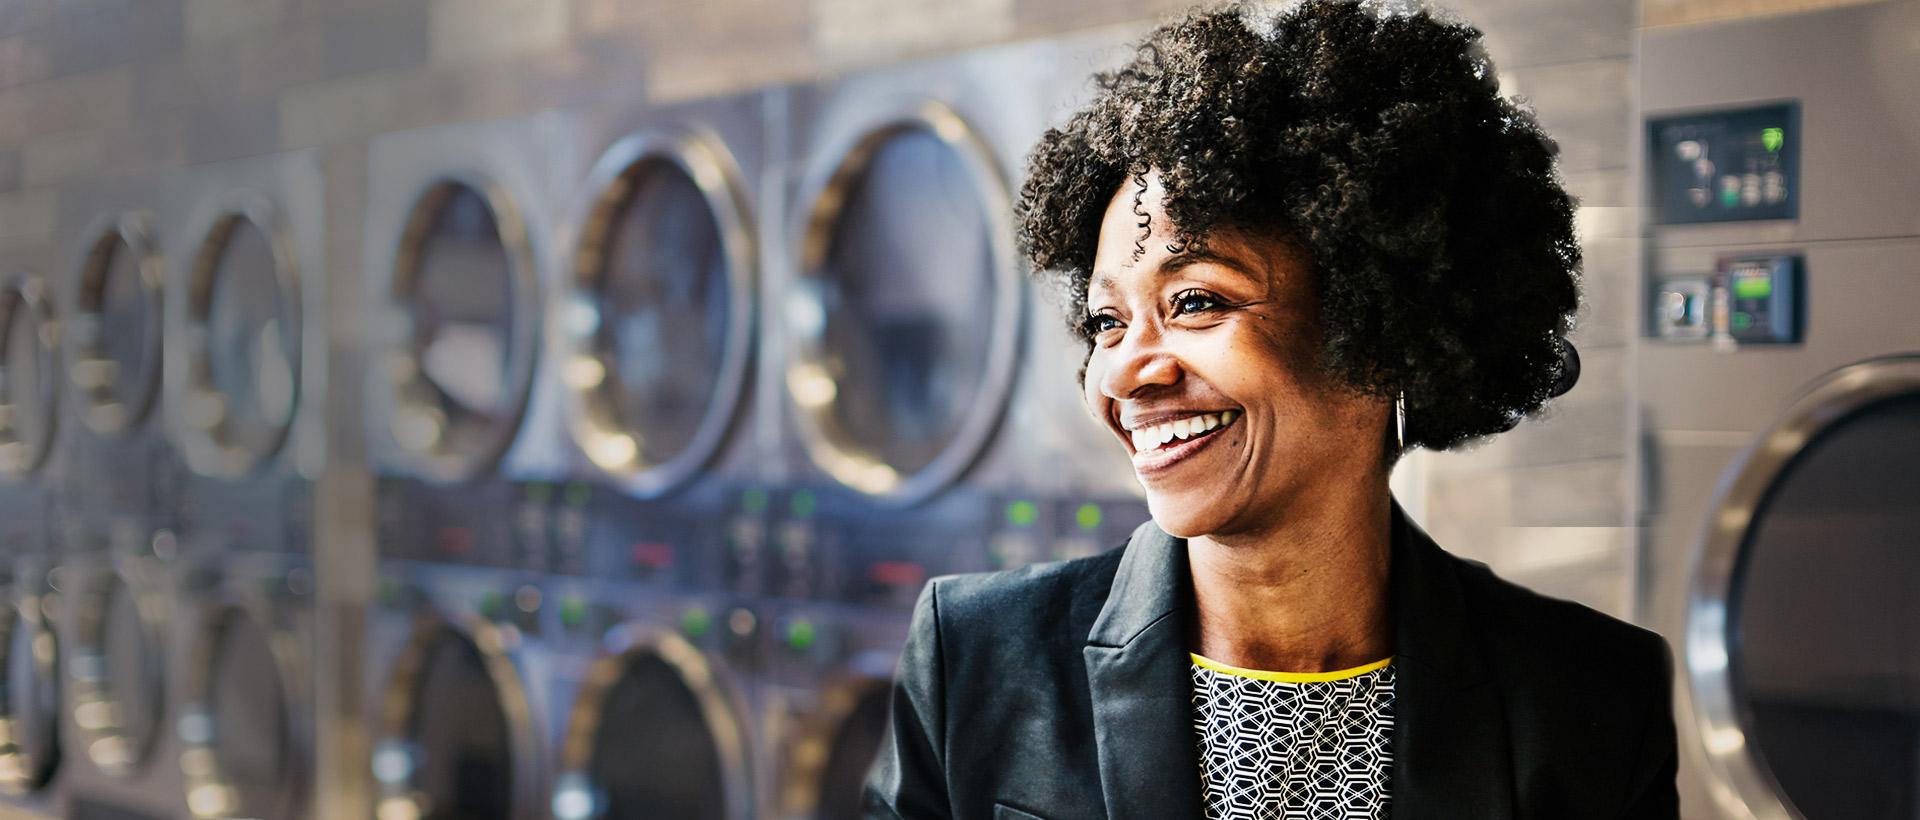 ¿Por qué invertir en lavanderías de autoservicio?